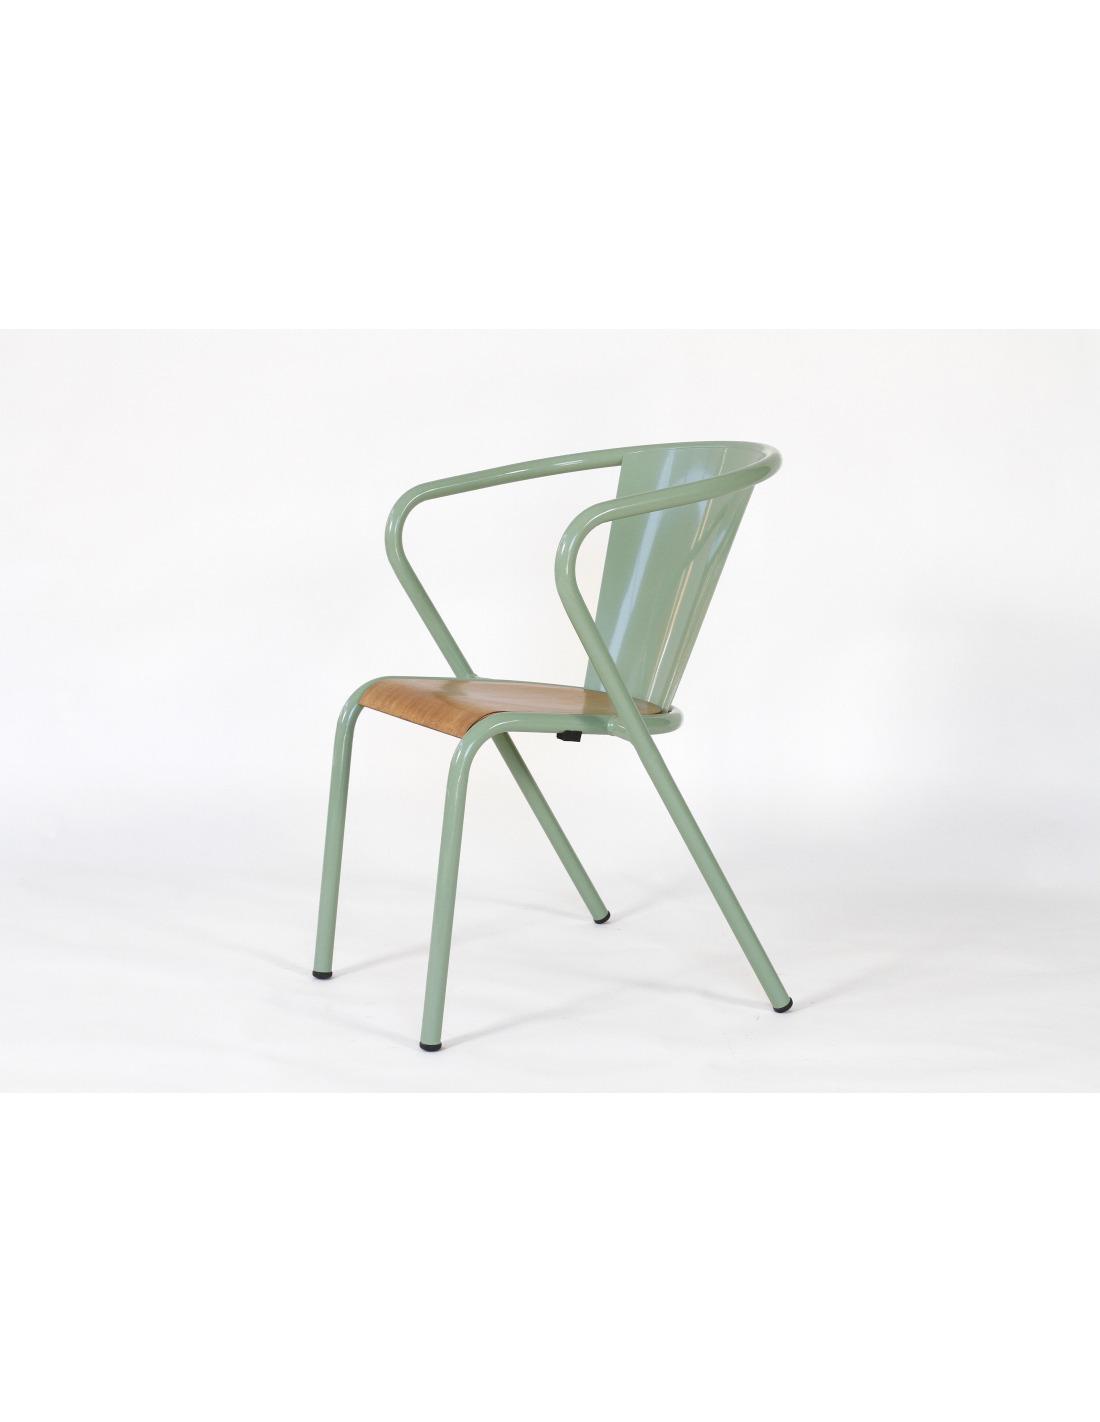 chaise de bistrot portugais en m tal et bois gon alo au style vintage otoko. Black Bedroom Furniture Sets. Home Design Ideas